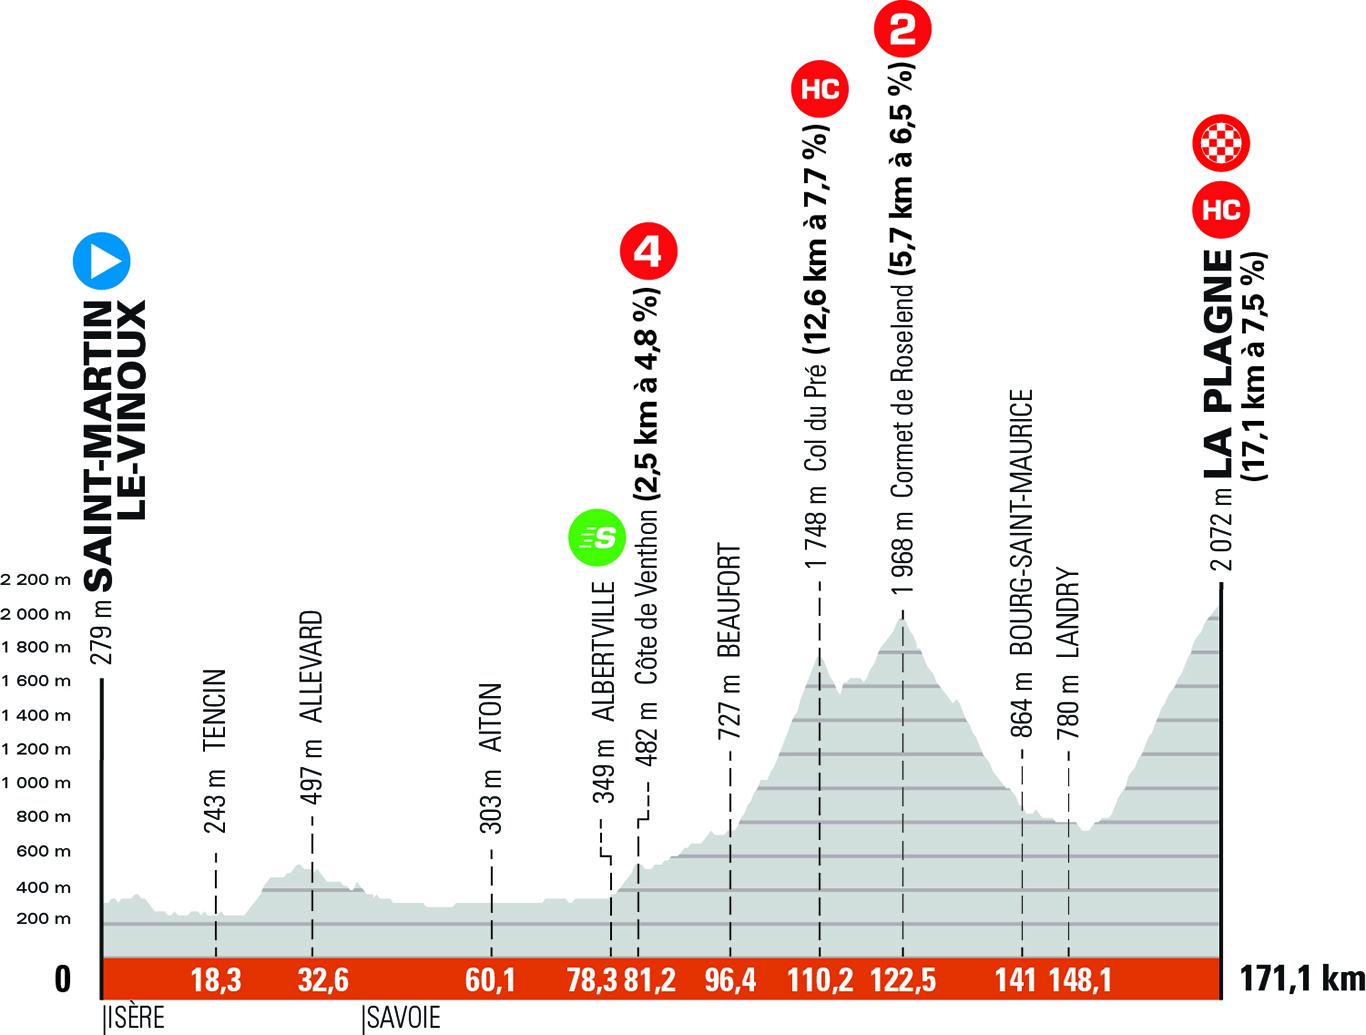 Critérium du Dauphiné 2021 profiles